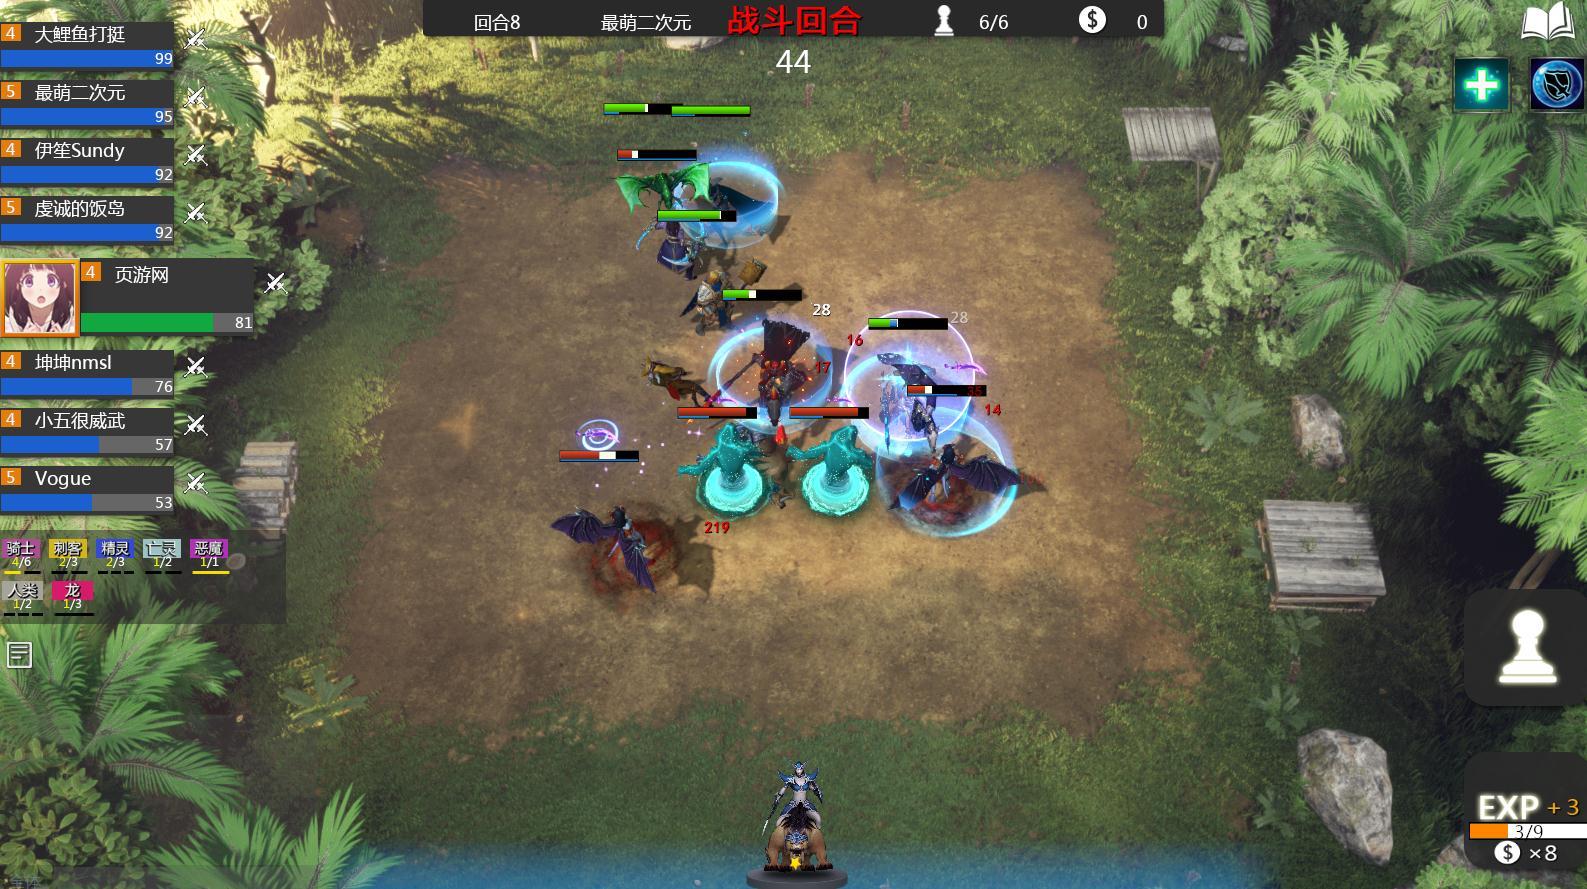 《部落自走棋》游戏截图